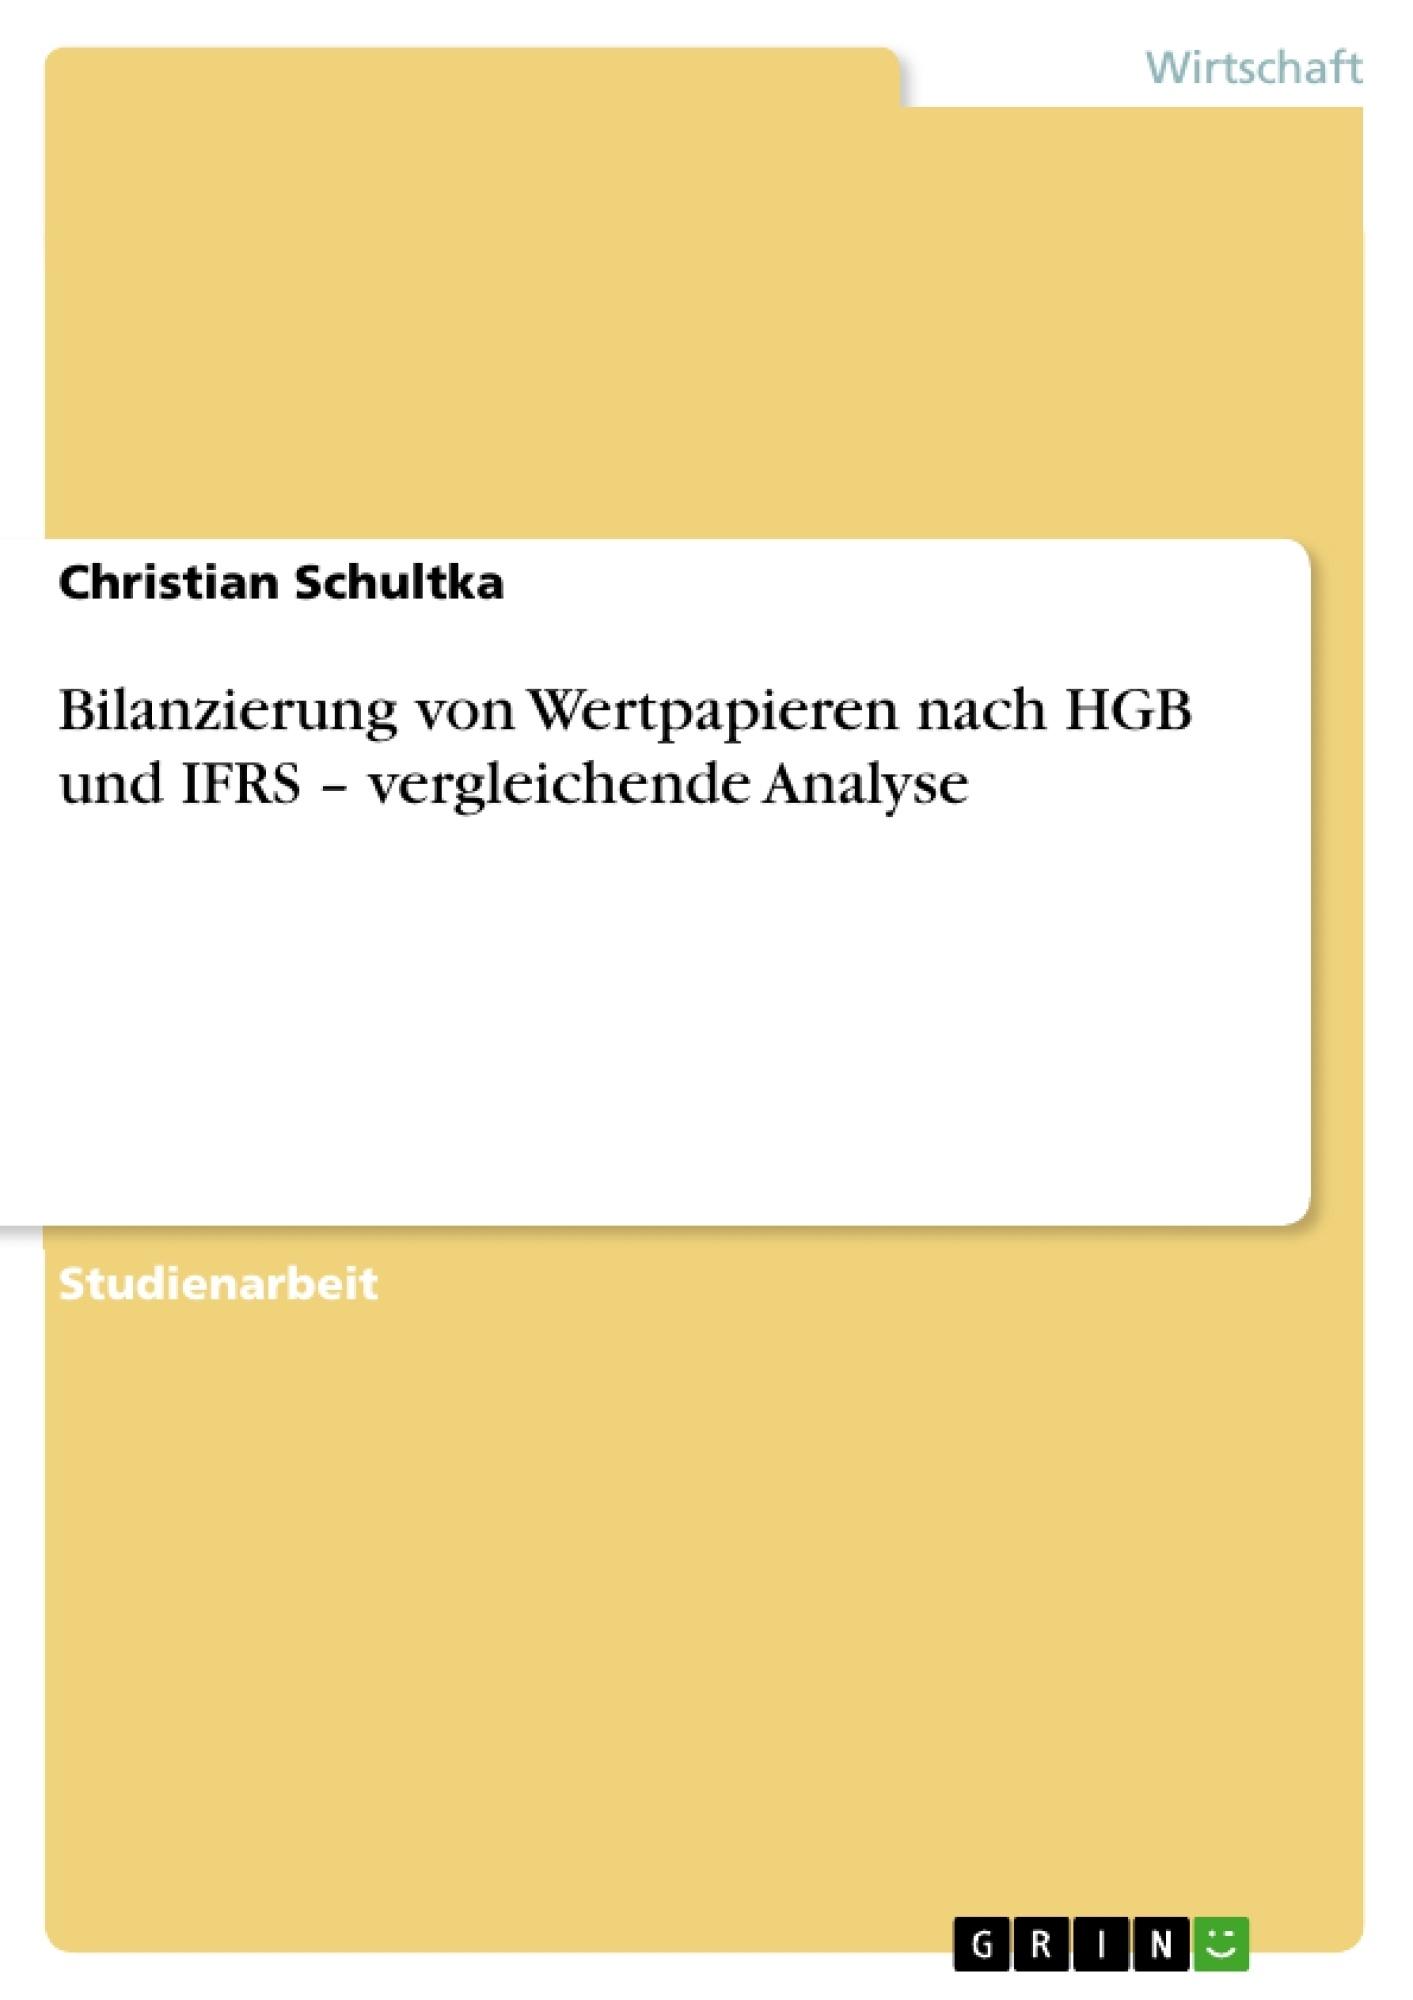 Titel: Bilanzierung von Wertpapieren nach HGB und IFRS – vergleichende Analyse